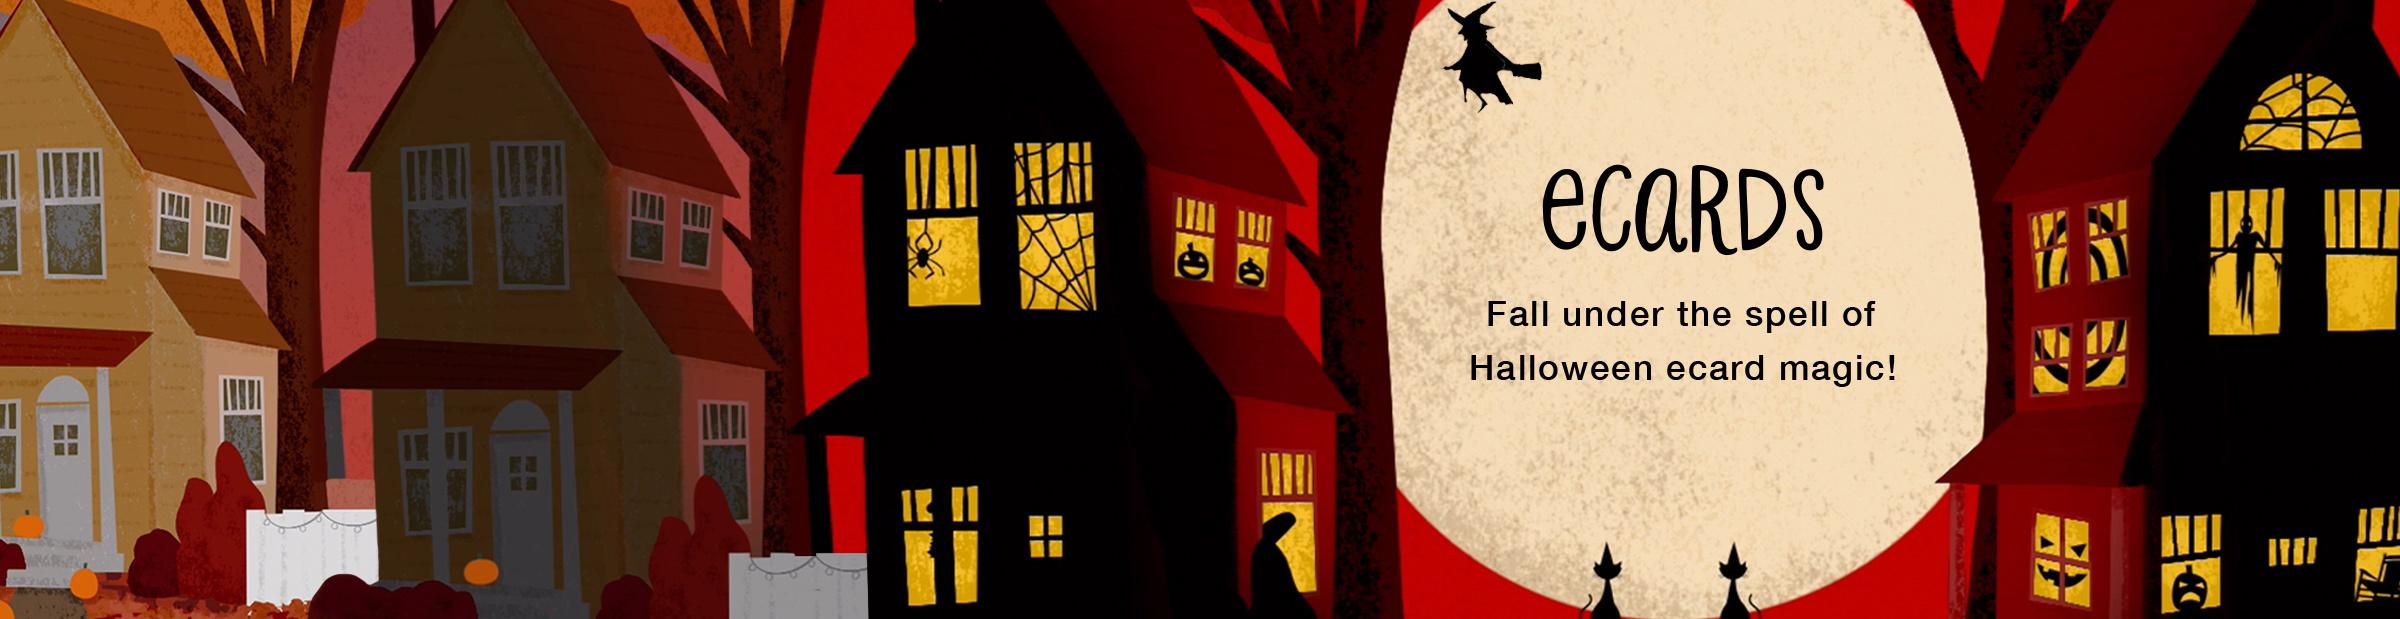 Halloween Ecards Banner